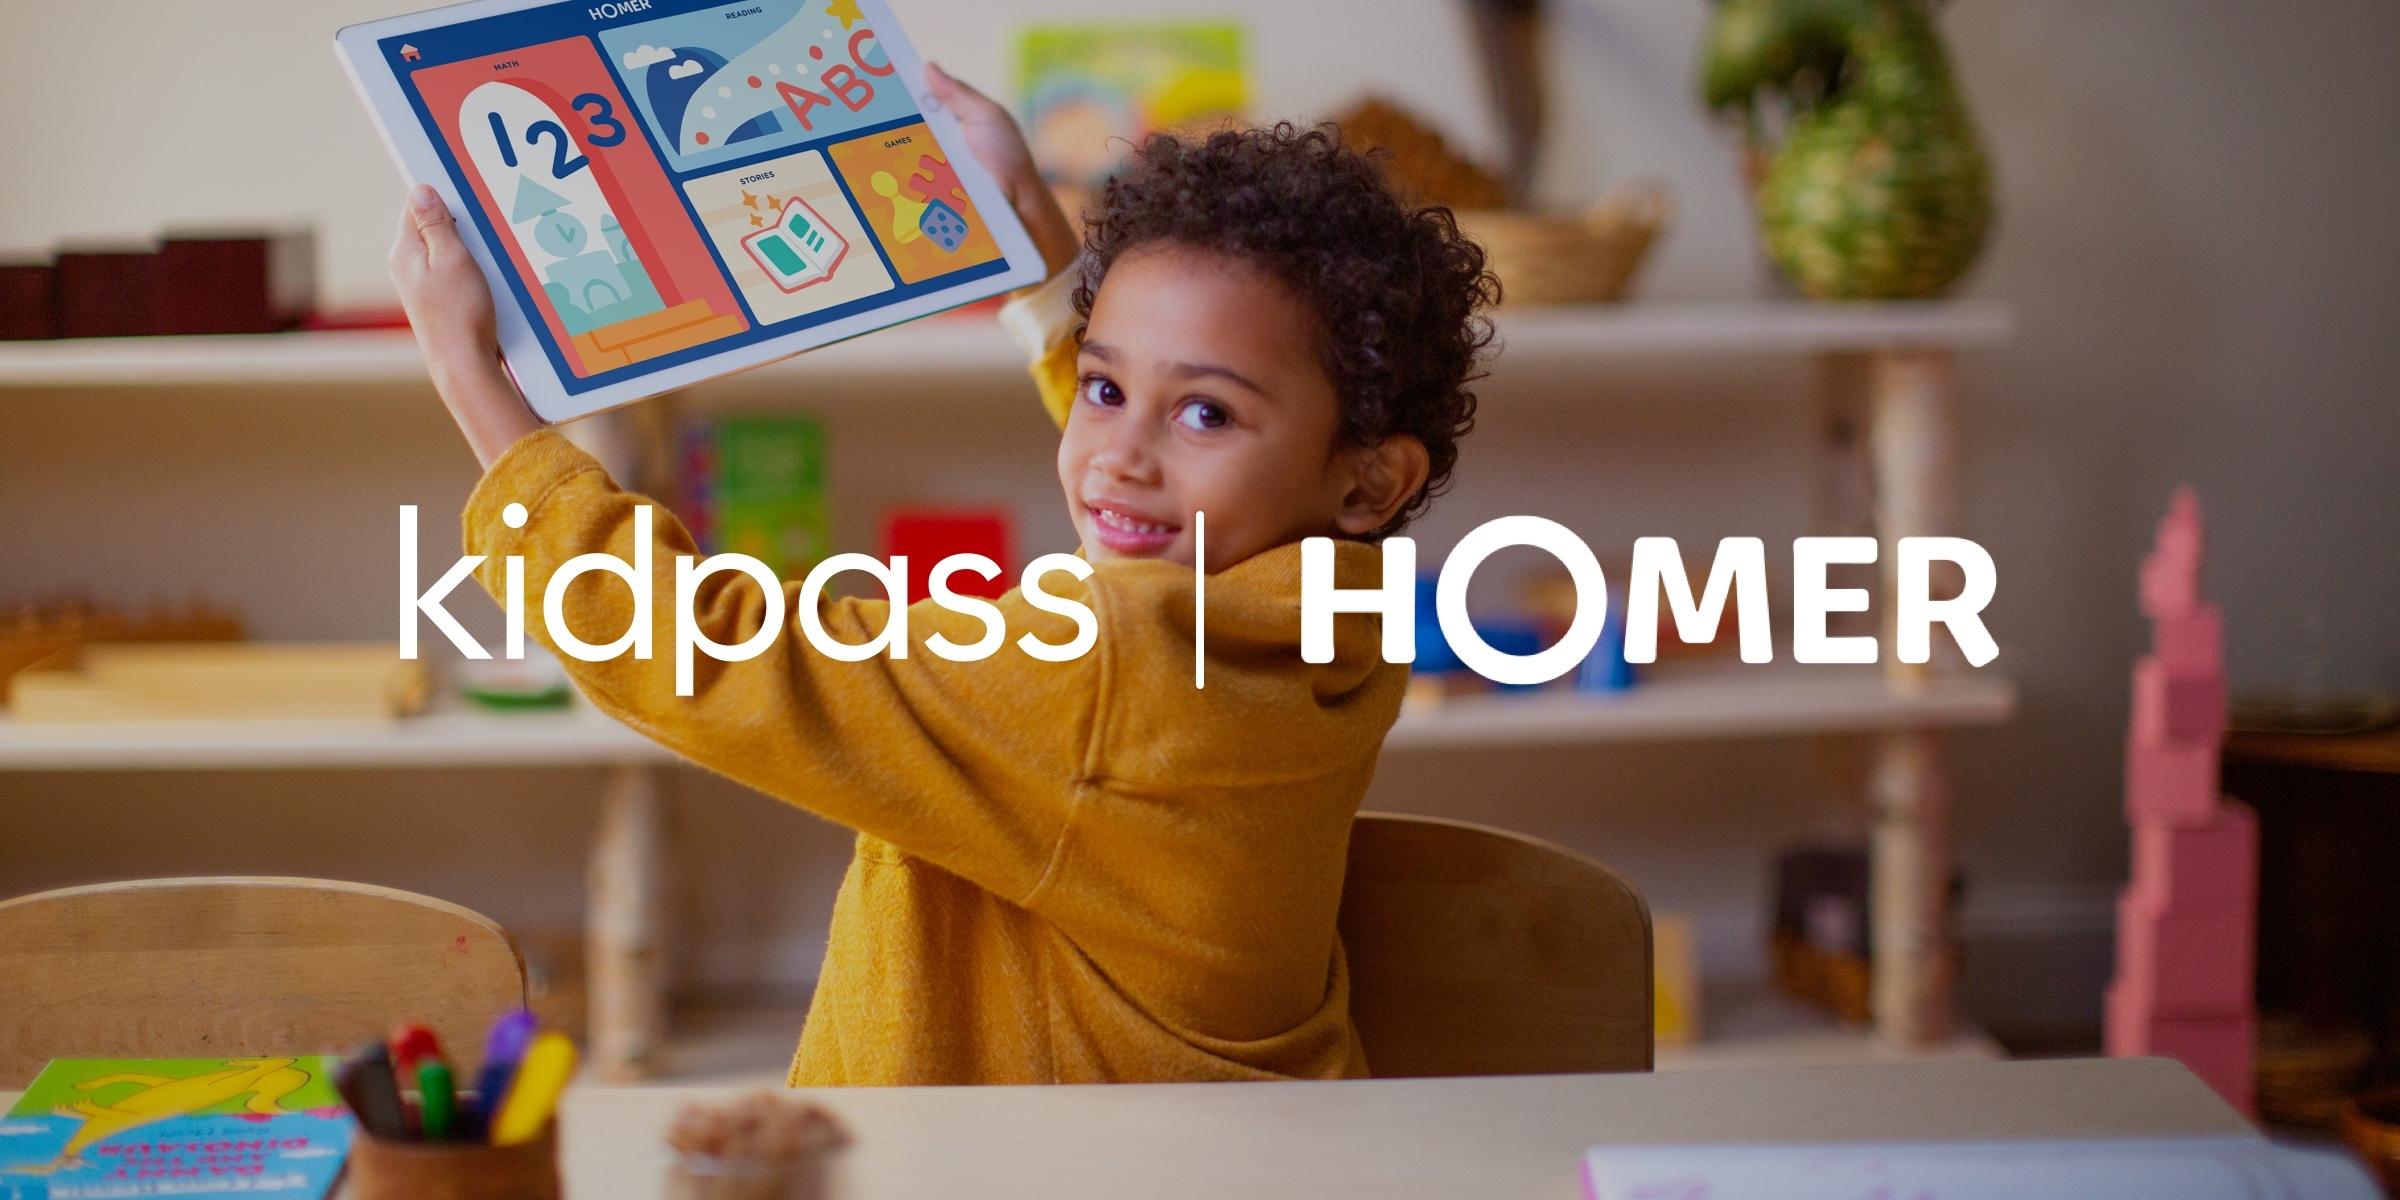 KidPass Joins Homer Family!